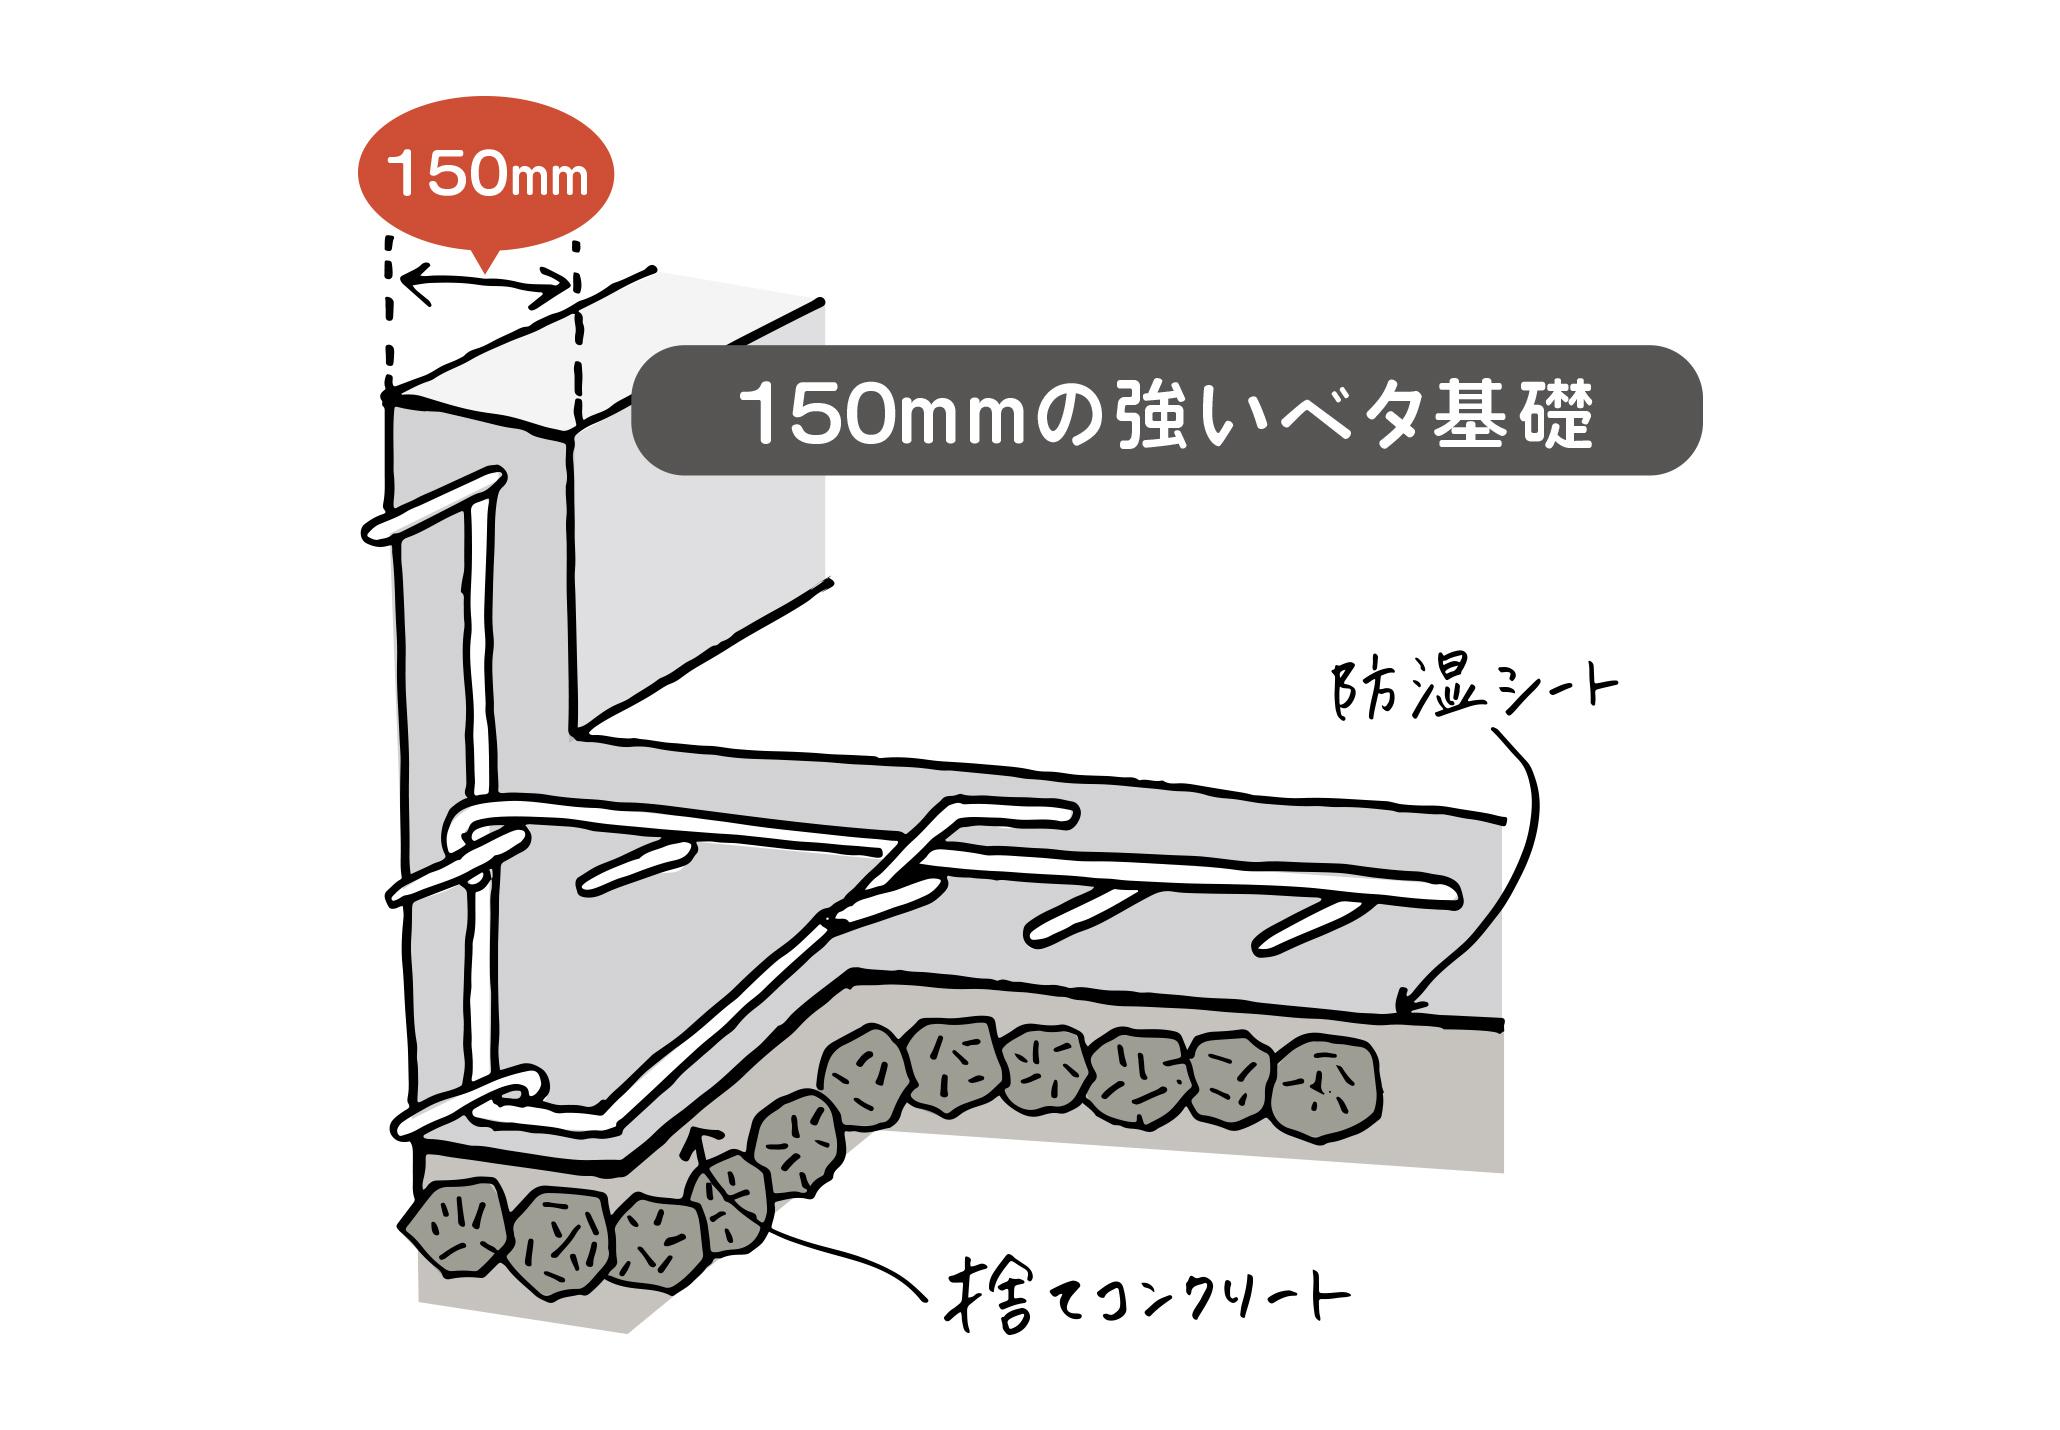 基礎幅は150mm